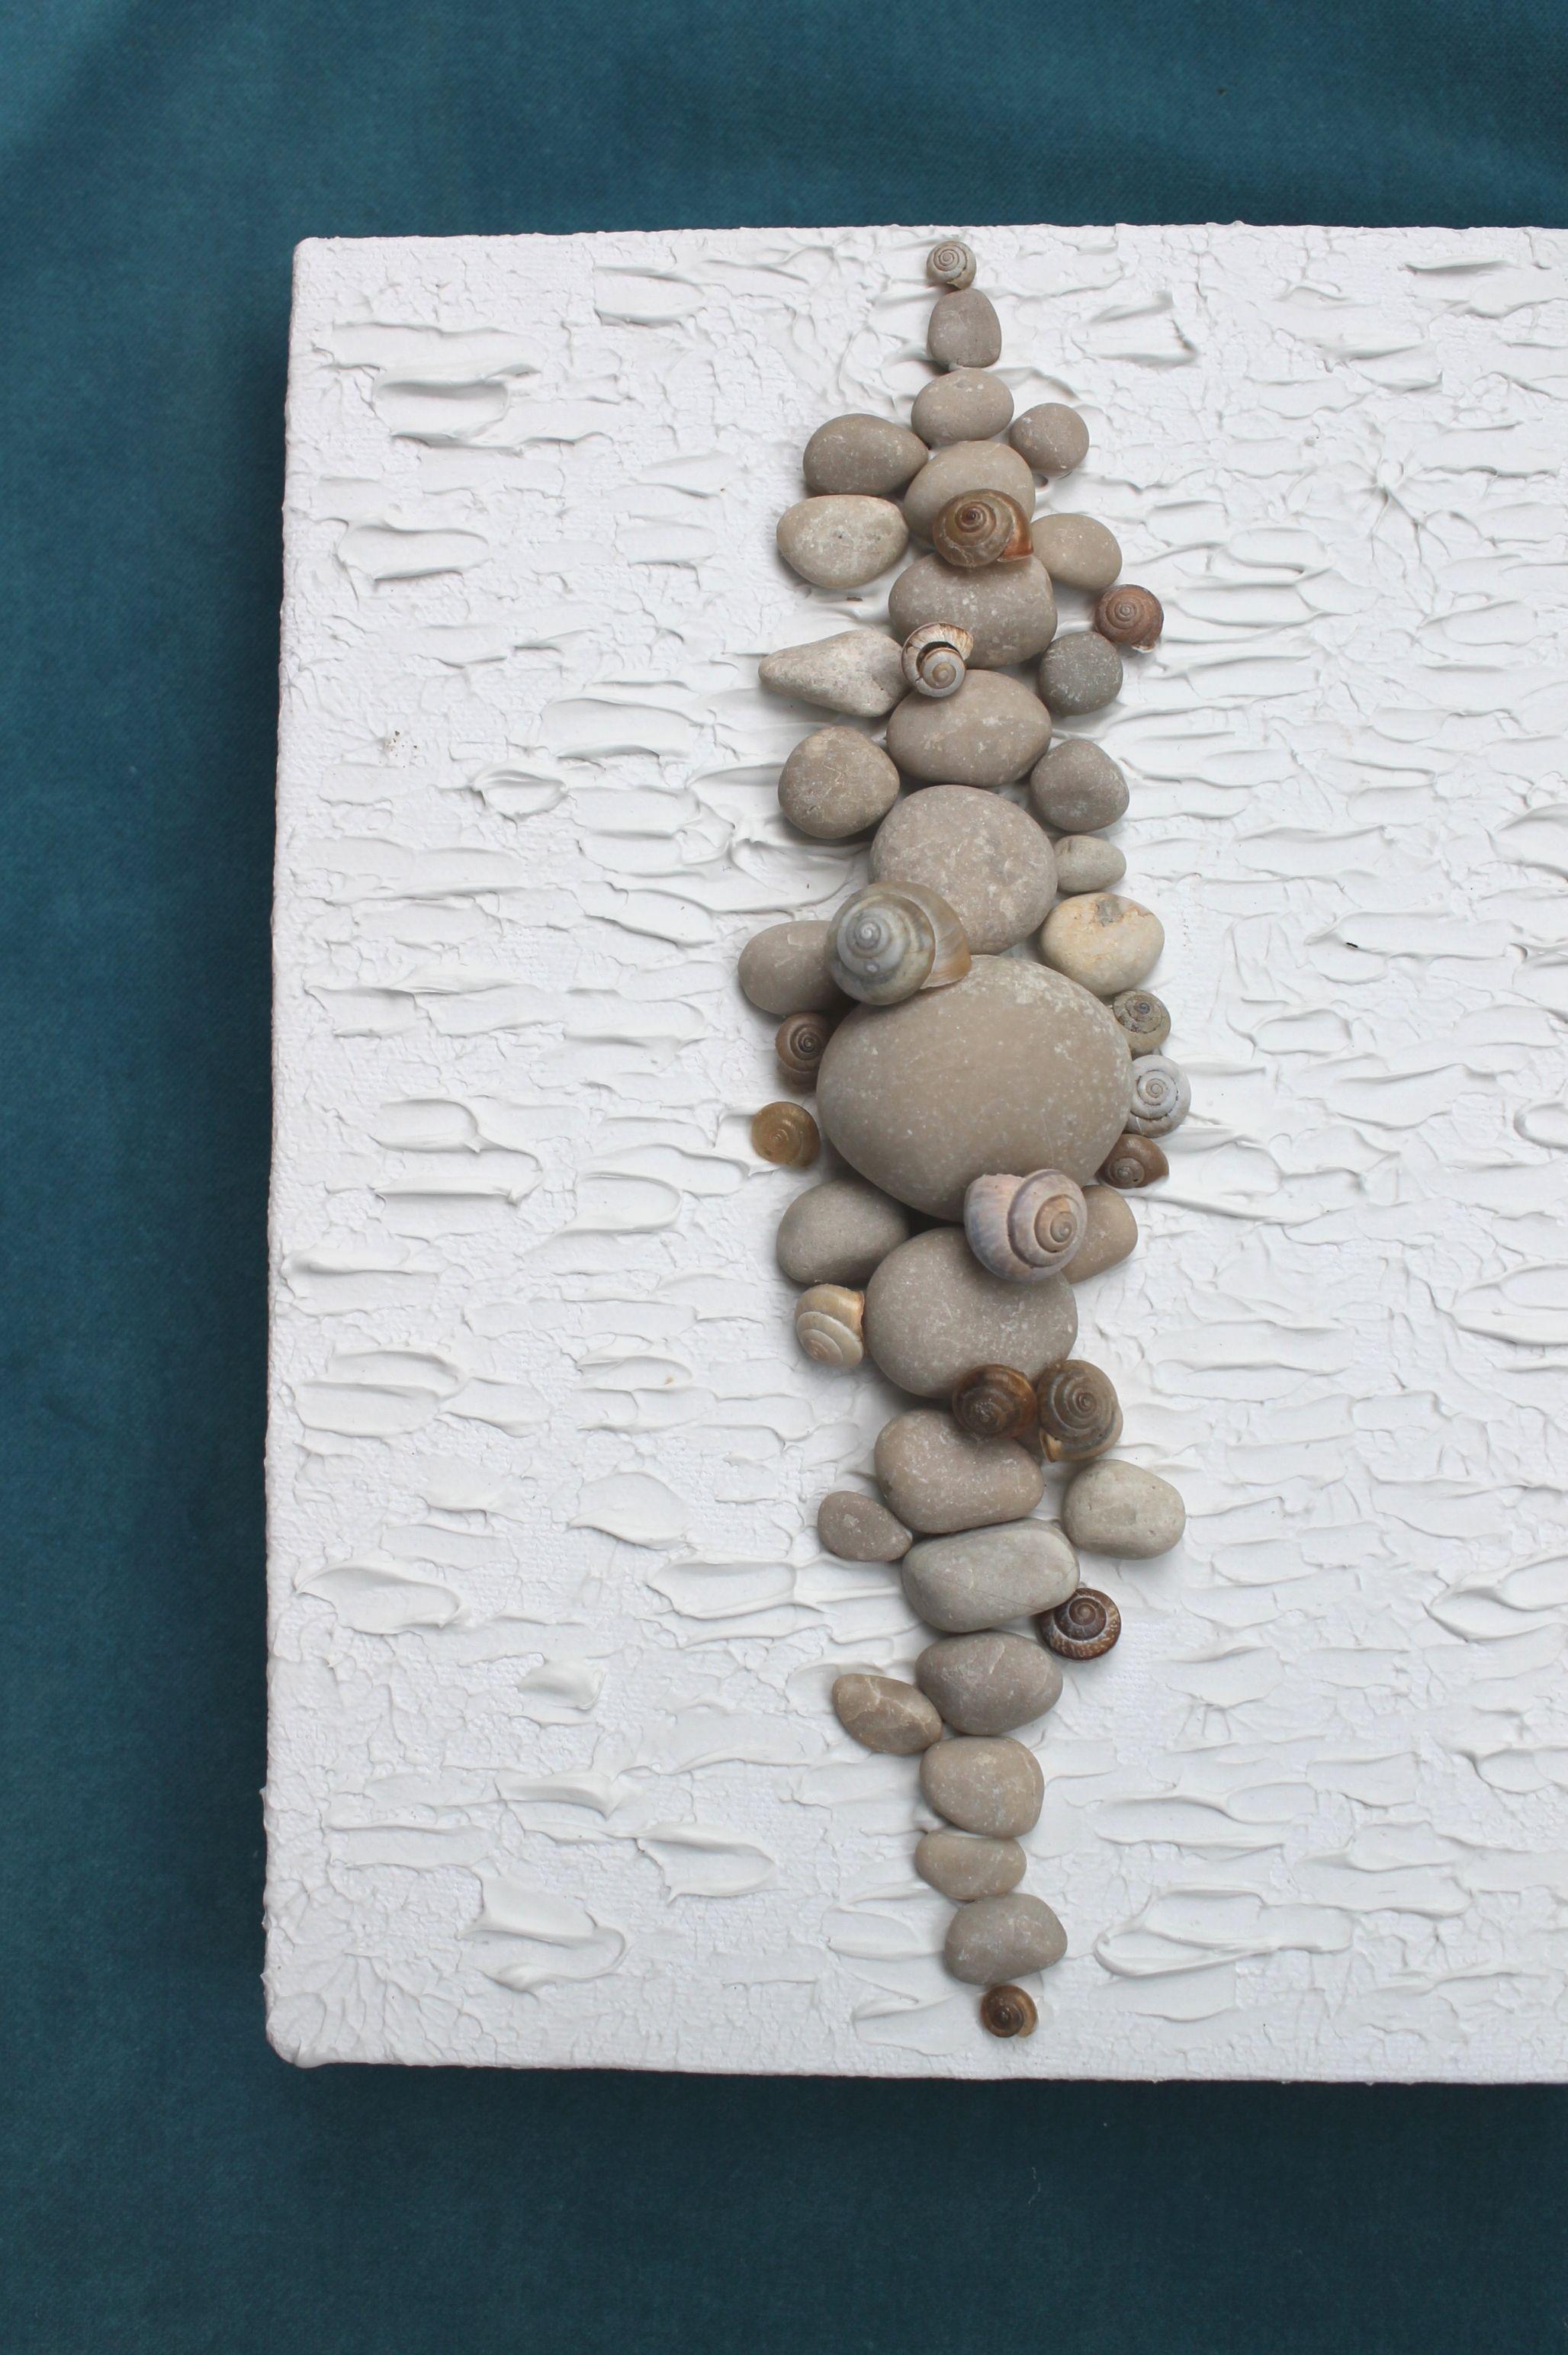 Basteln mit Steinen / Diy Steinbild ganz easy mit Modellierpaste selber machen #bastelnmitsteinen